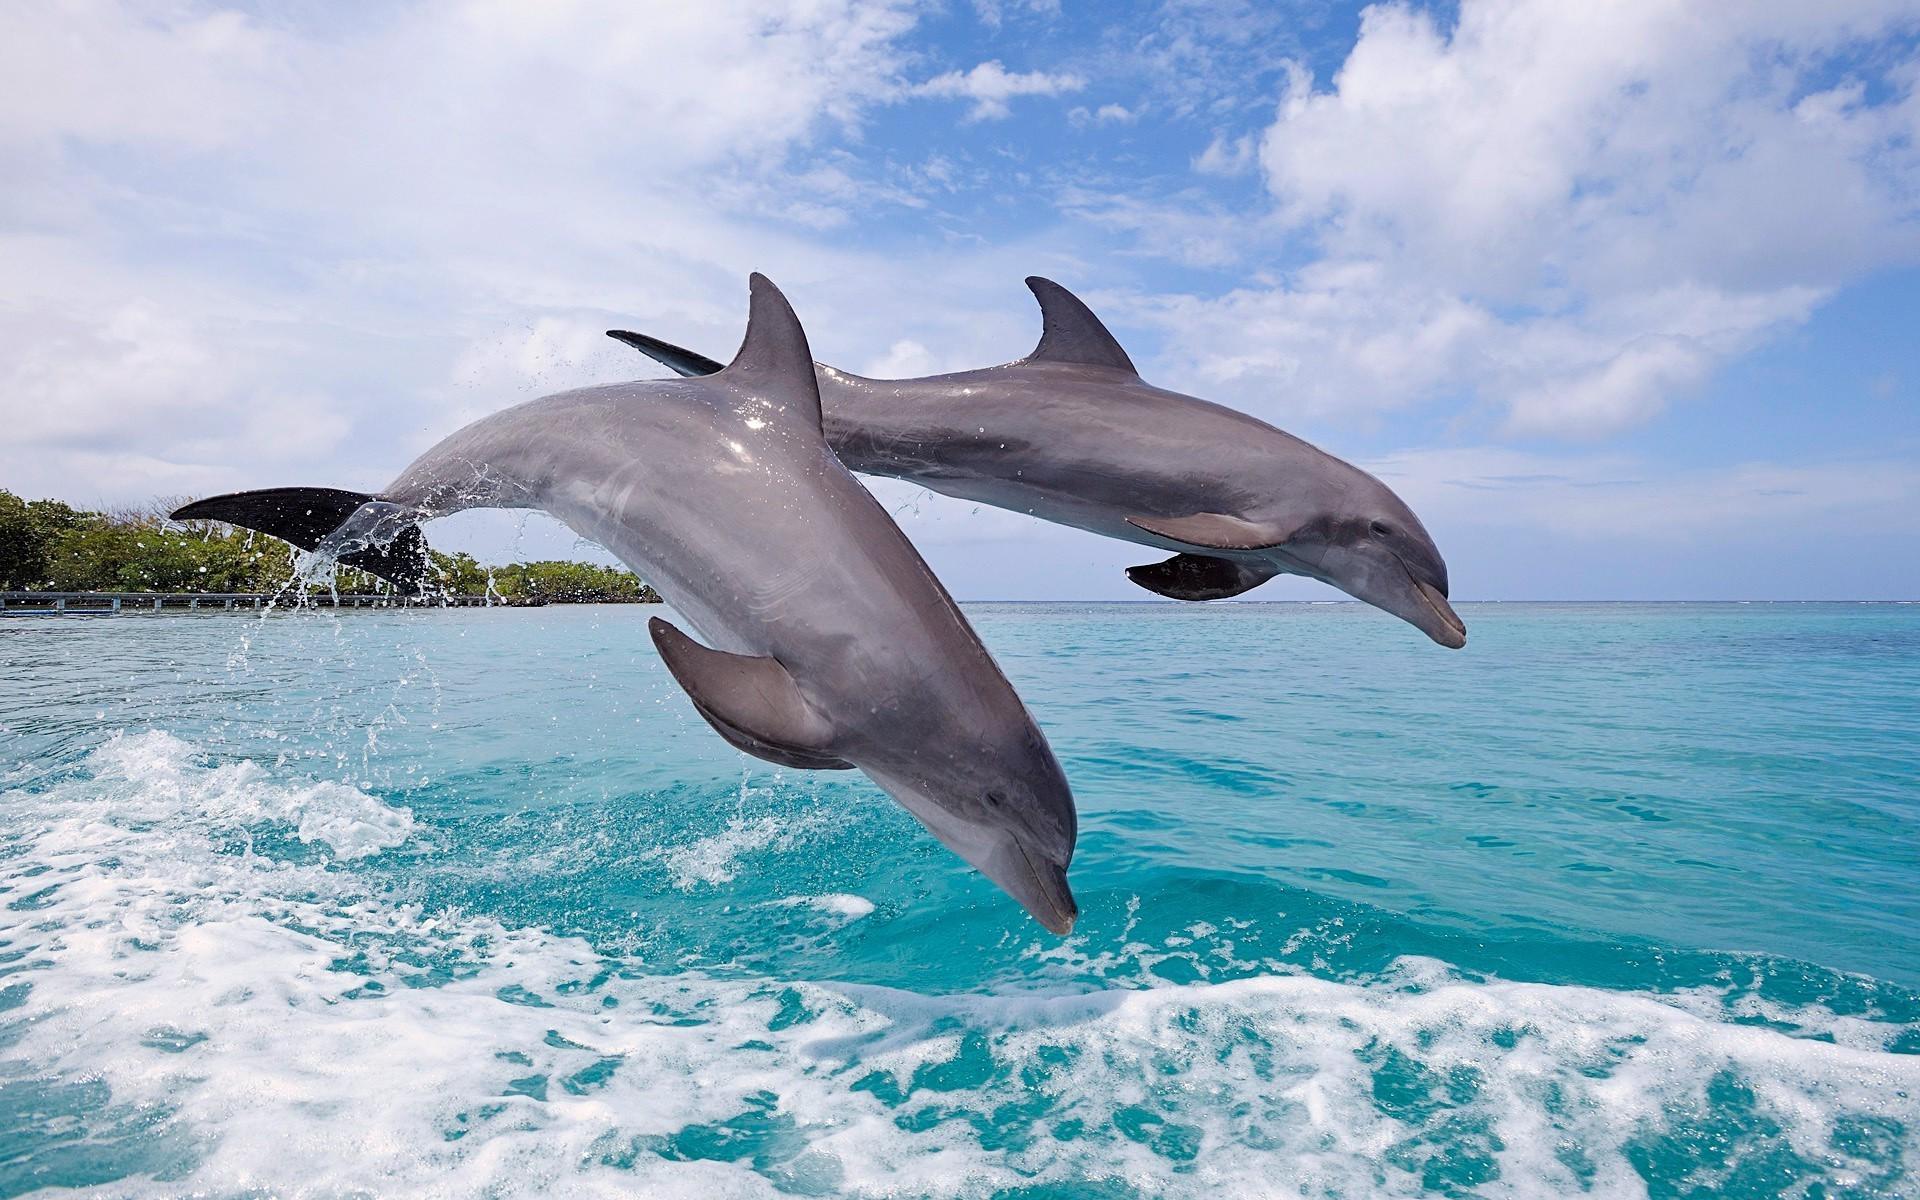 Обои на рабочий стол скачать бесплатно дельфин